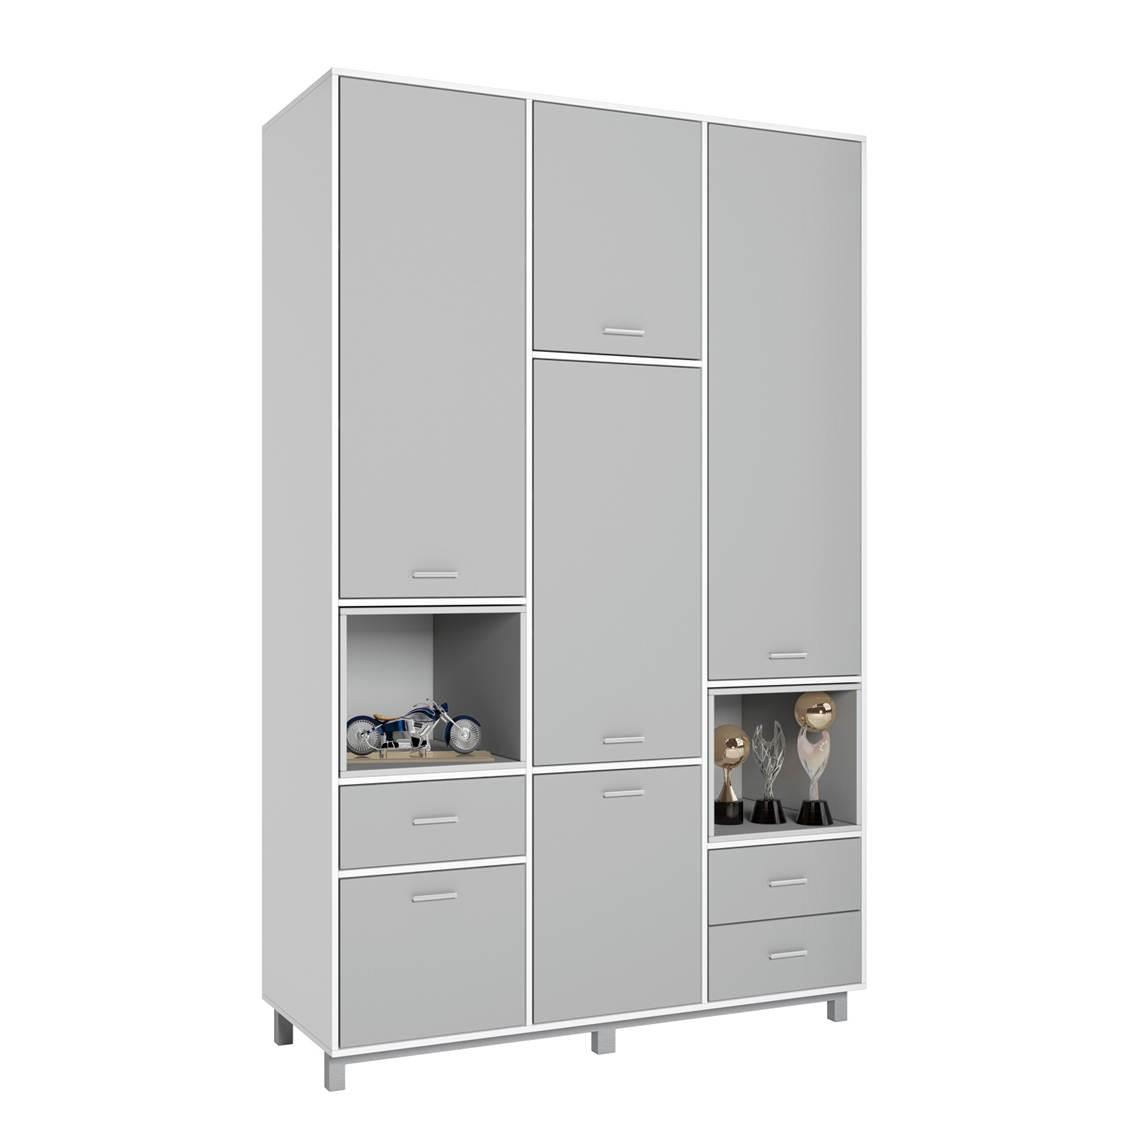 Купить Детский шкаф трехсекционный Polini kids Mirum 2335 белый-серый/серый, Шкафы в детскую комнату